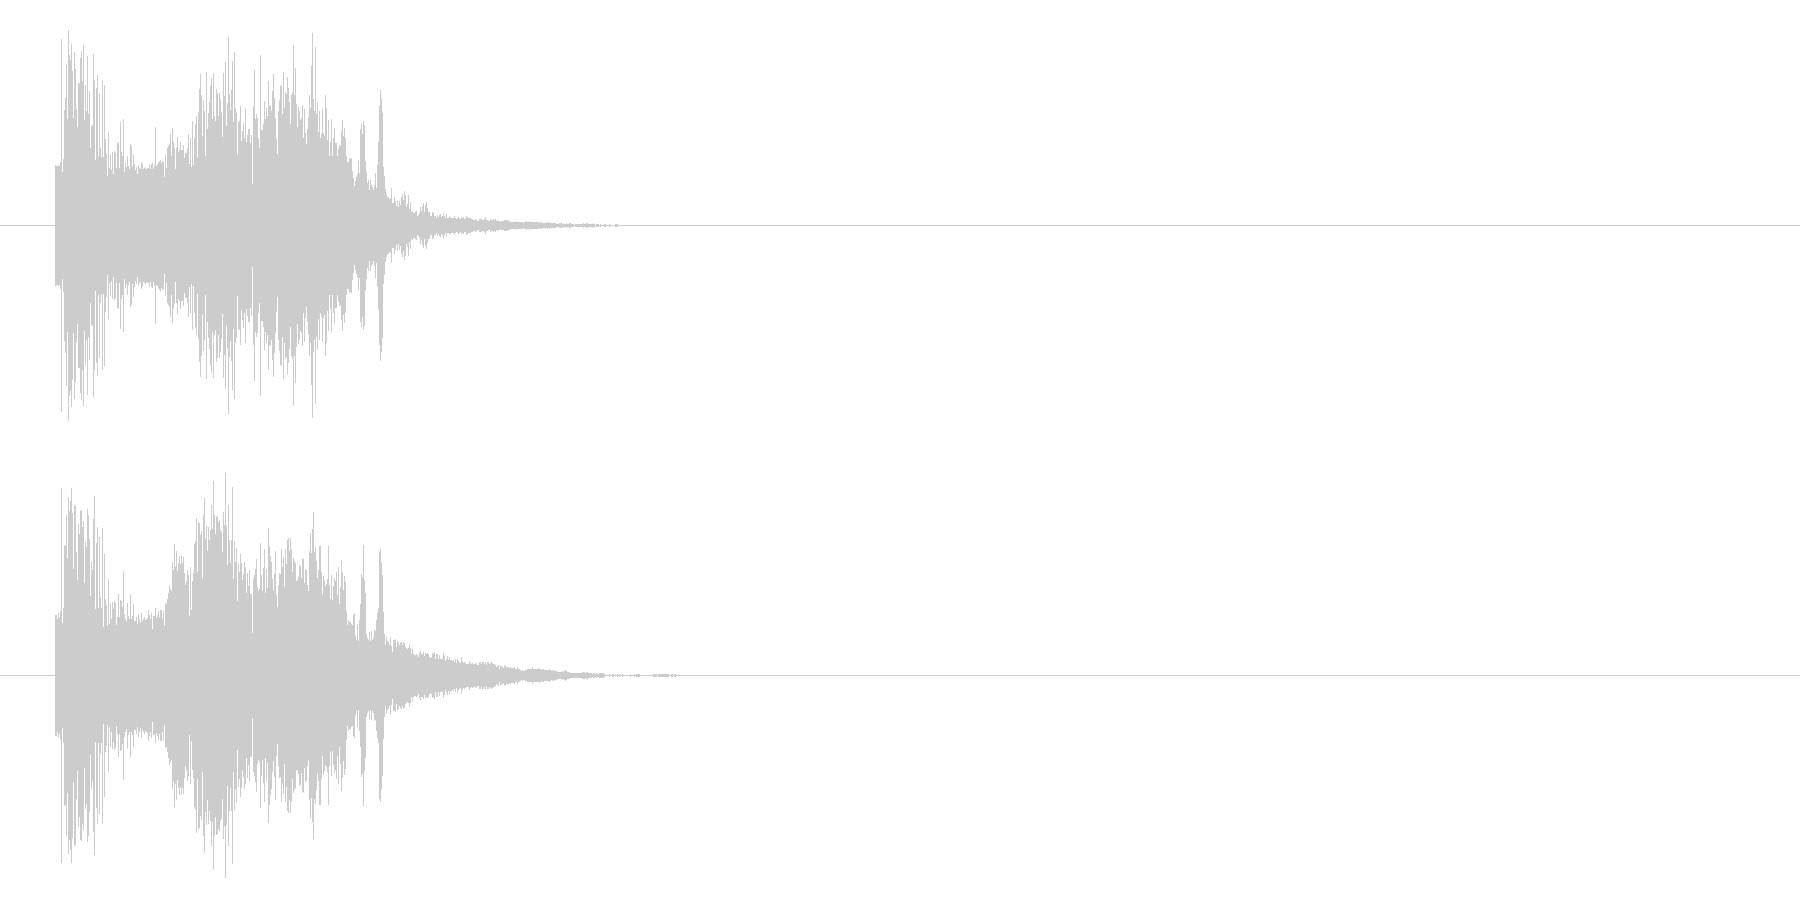 斬撃音(剣やナイフなどの軽い武器で攻撃)の未再生の波形